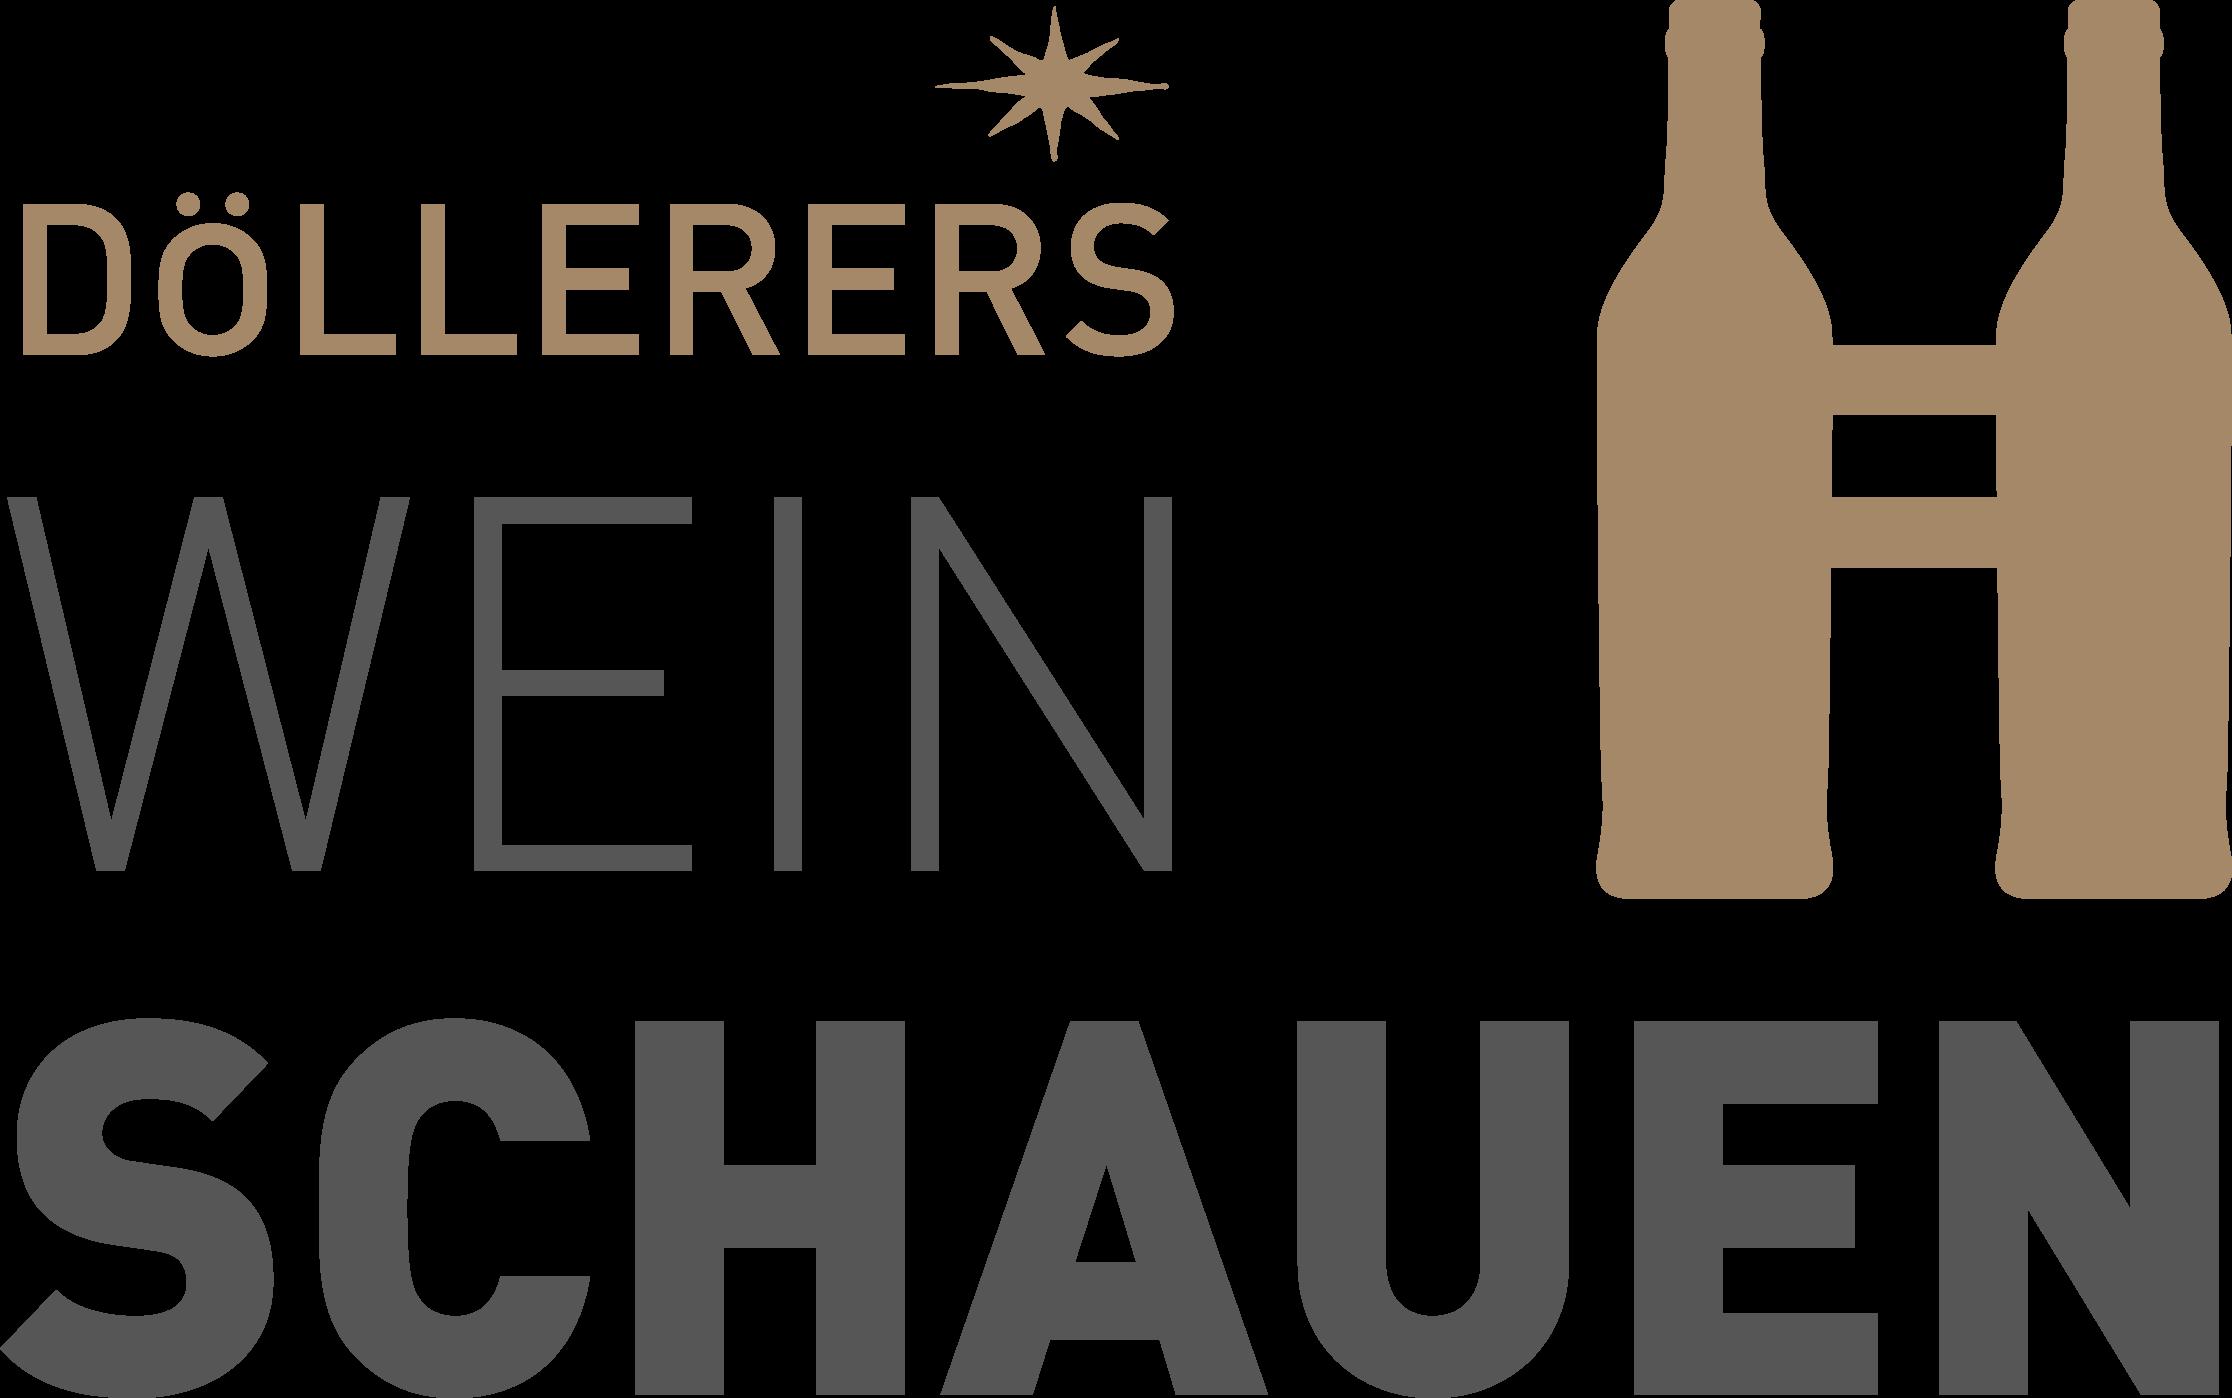 Weinschauen - Döllerers Blog rund um die Wein- und Genusswelt. Einfach REINschauen.